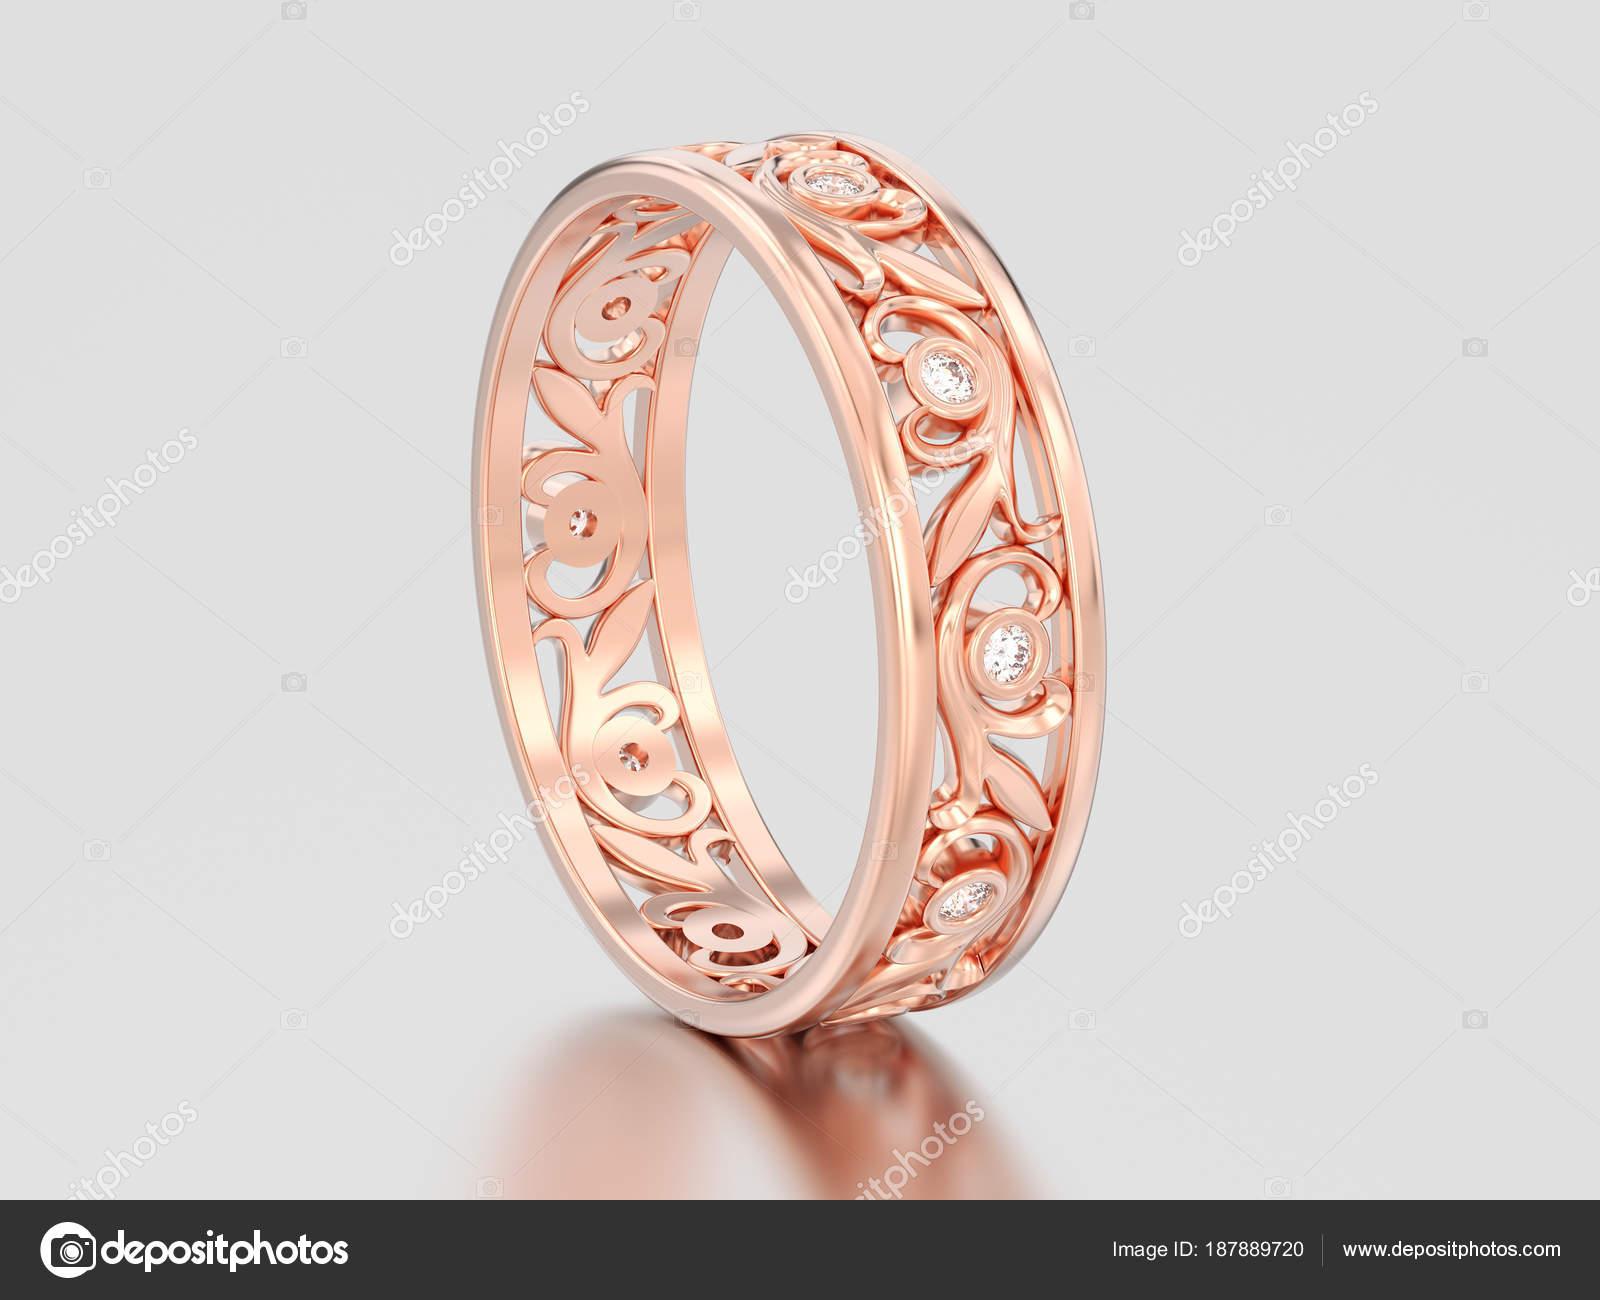 3d Obrazek Ruze Zlata Odpovidajici Pary Snubni Prsten S Diamantem